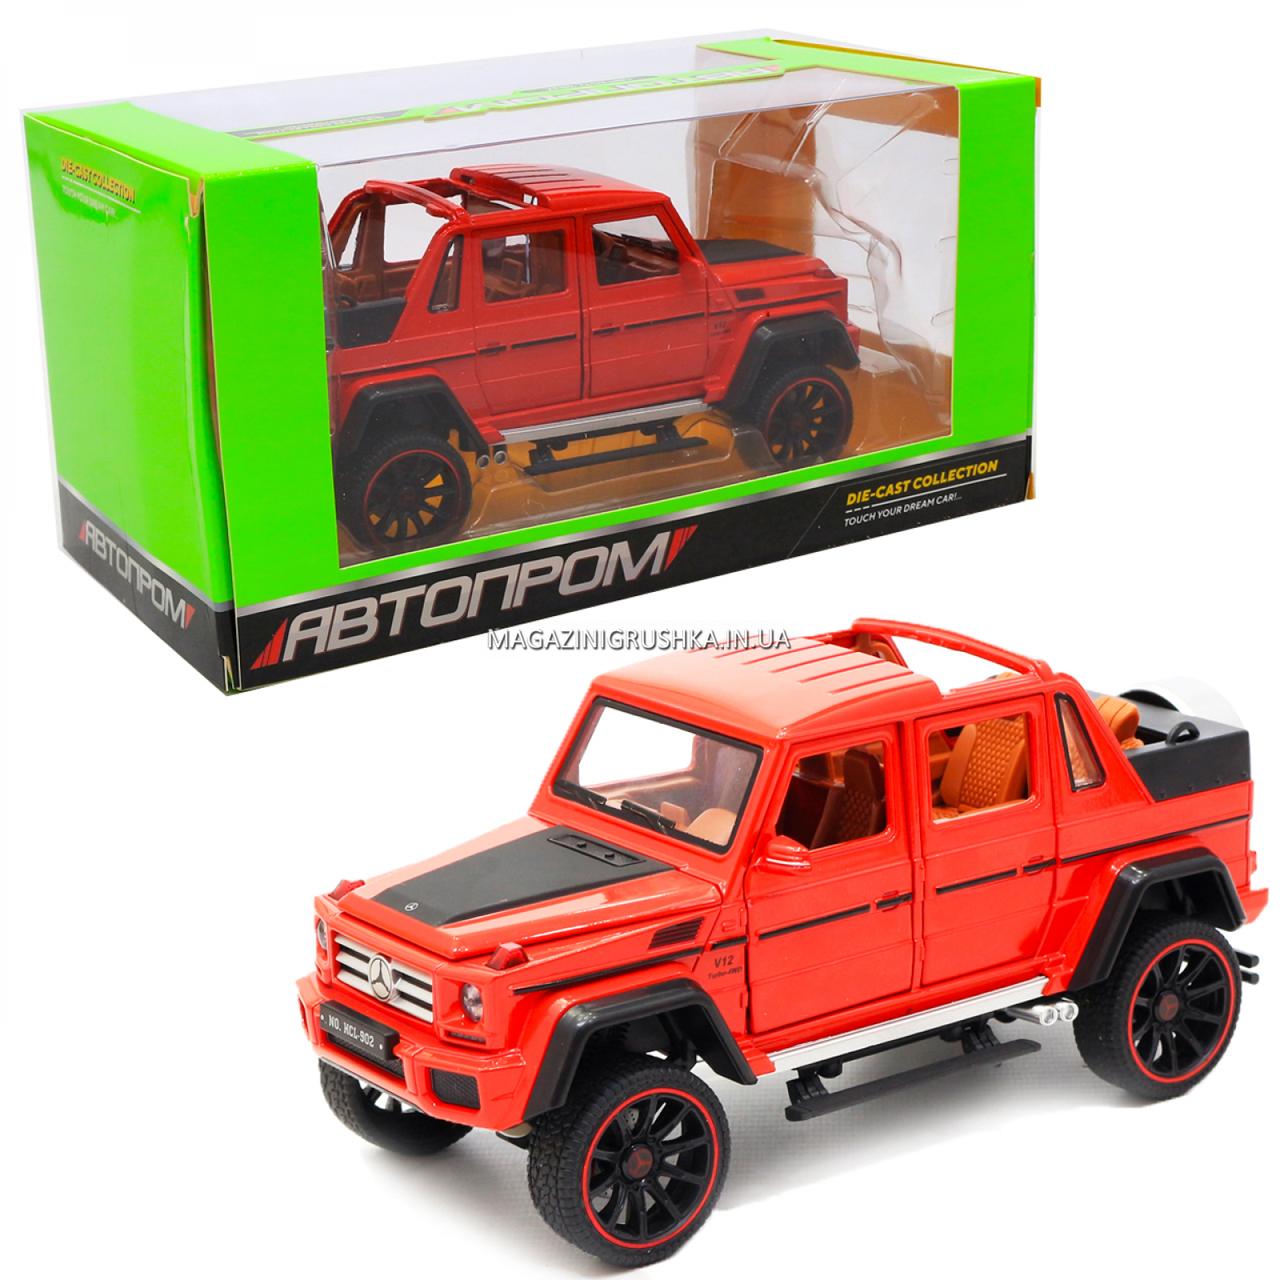 Іграшкова машинка Мерседес-Бенц «Автопром», червоний, світлові і звукові ефекти, 21*10*9 см (7579)